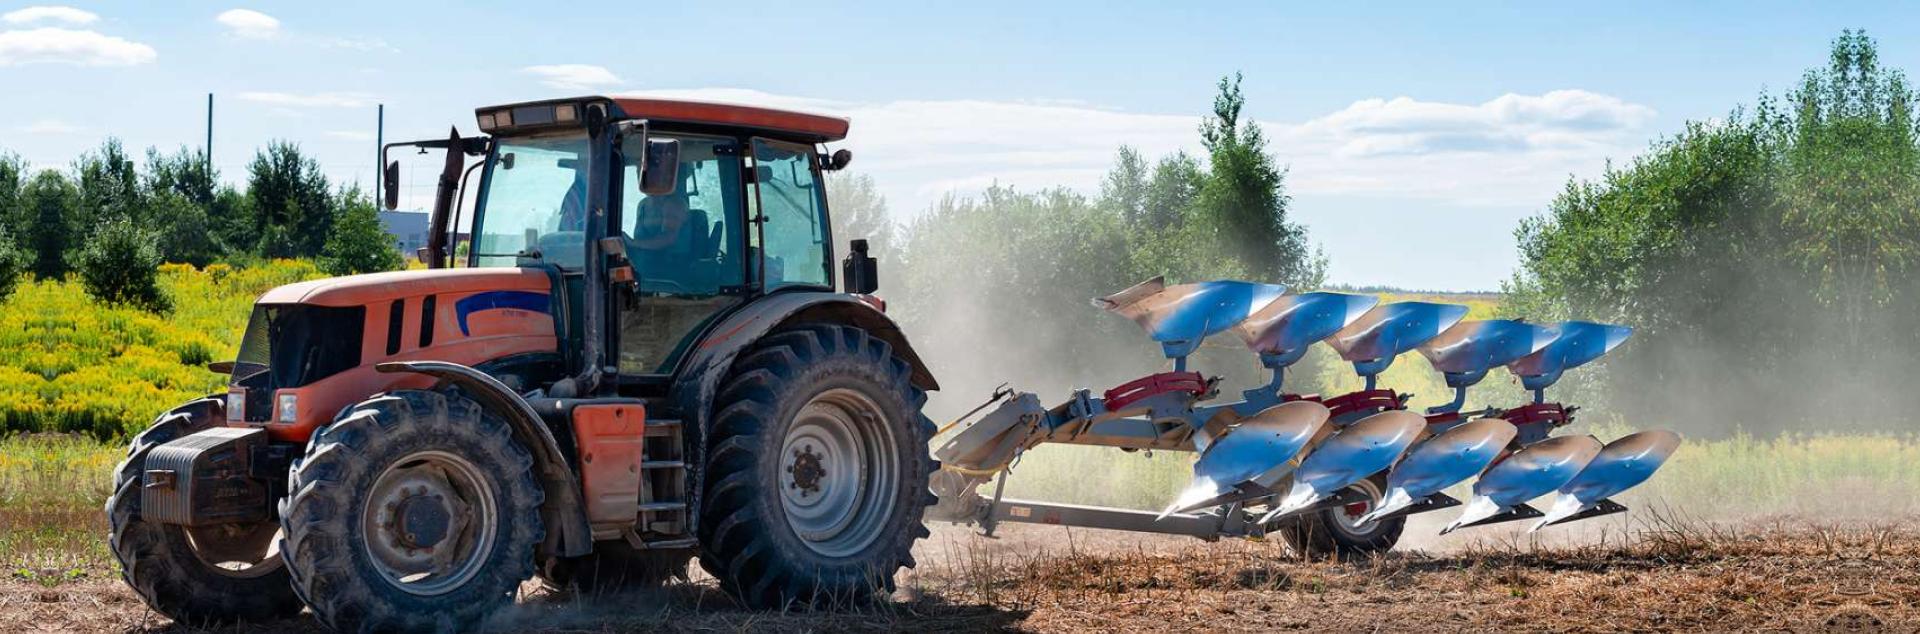 Производство сельскохозяйственных плугов срессорной ипневмогидравлической защитой